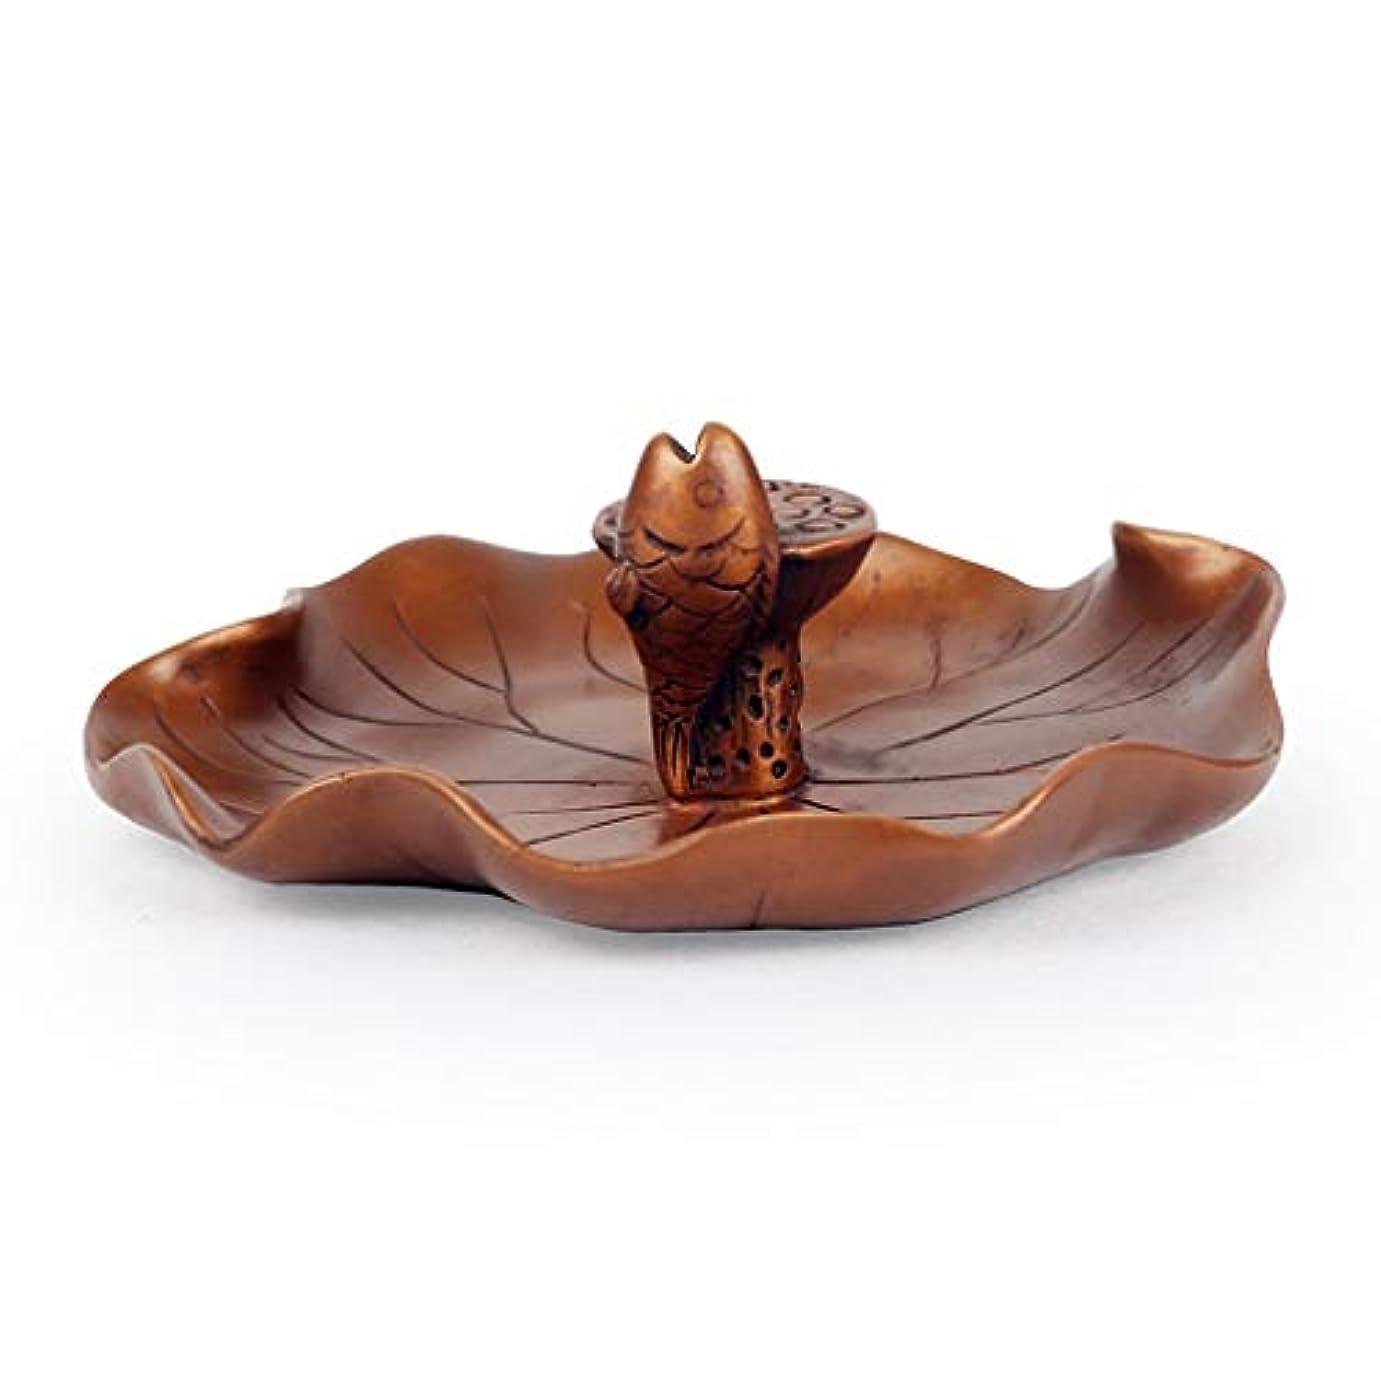 願うシールホームアロマバーナー 還流香炉ホーム香りの良い禅禅ラッキー鑑賞新しいクリエイティブアガーウッド香バーナー装飾 アロマバーナー (Color : Brass)